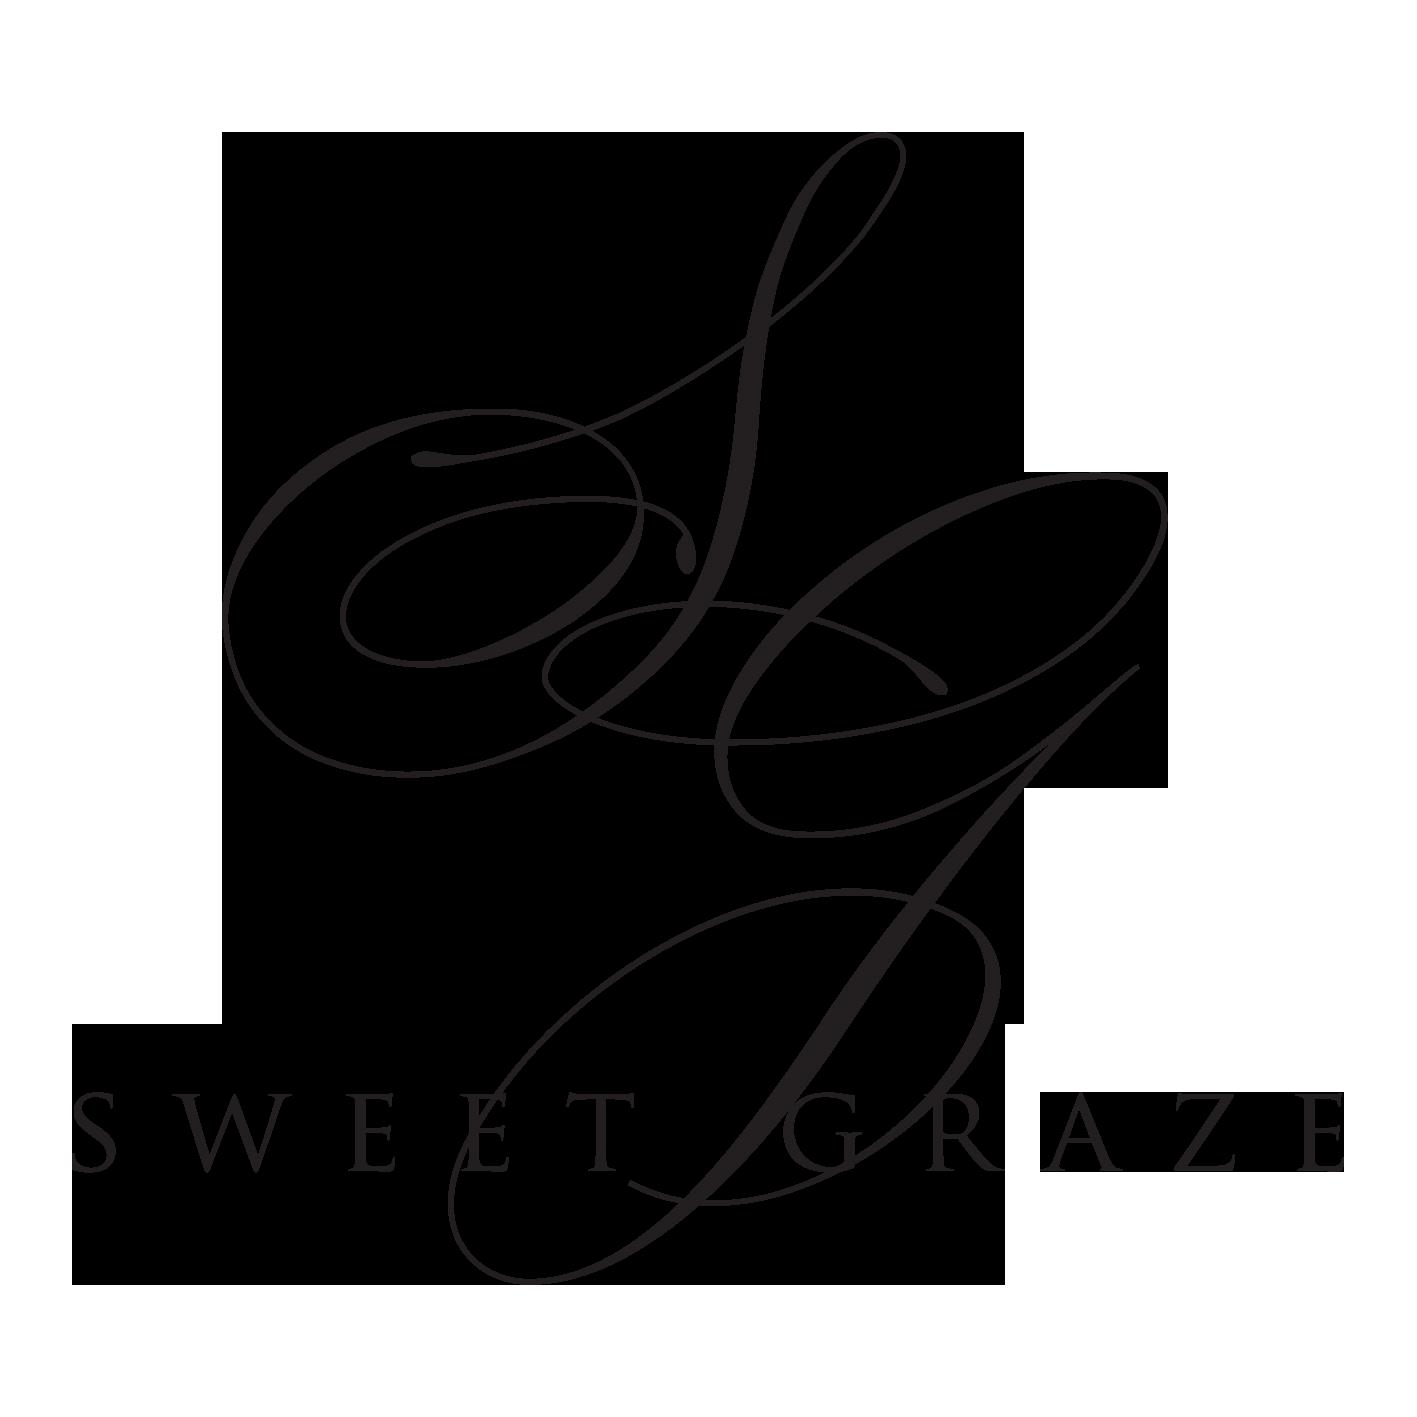 Sweetgraze